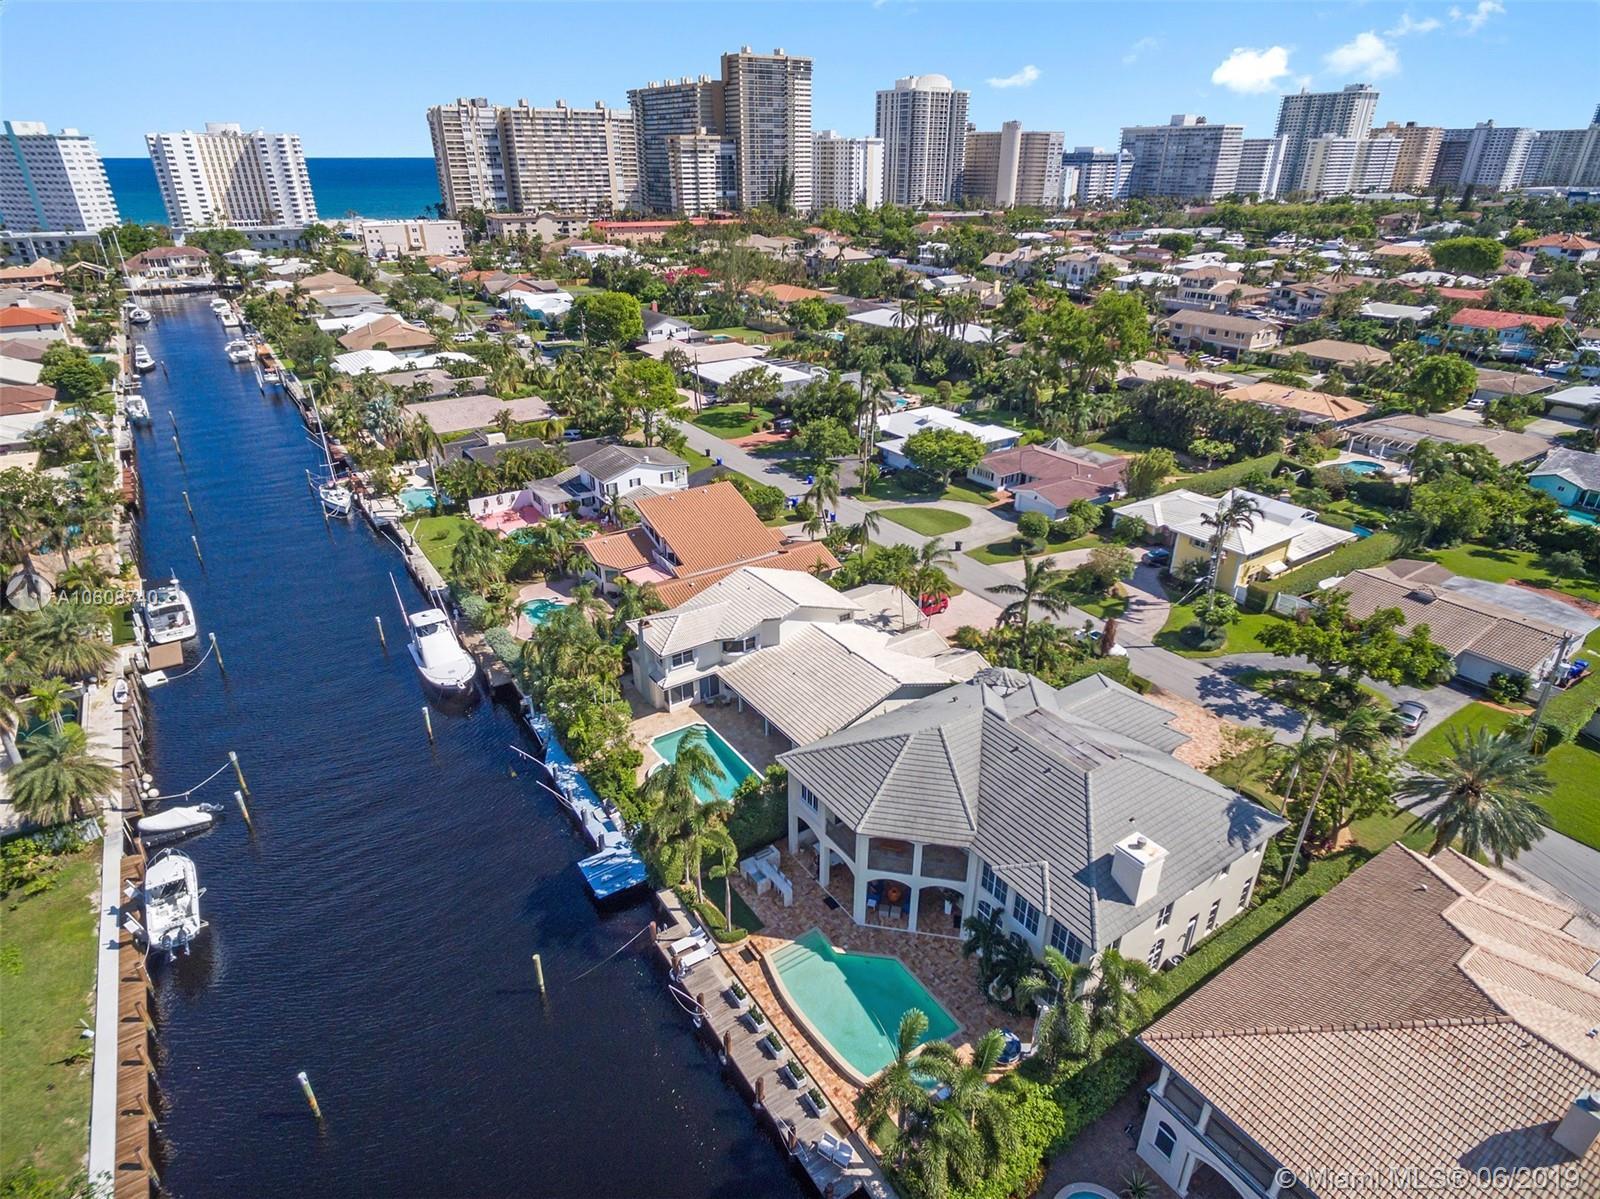 279 Codrington Dr, Lauderdale By The Sea, FL 33308